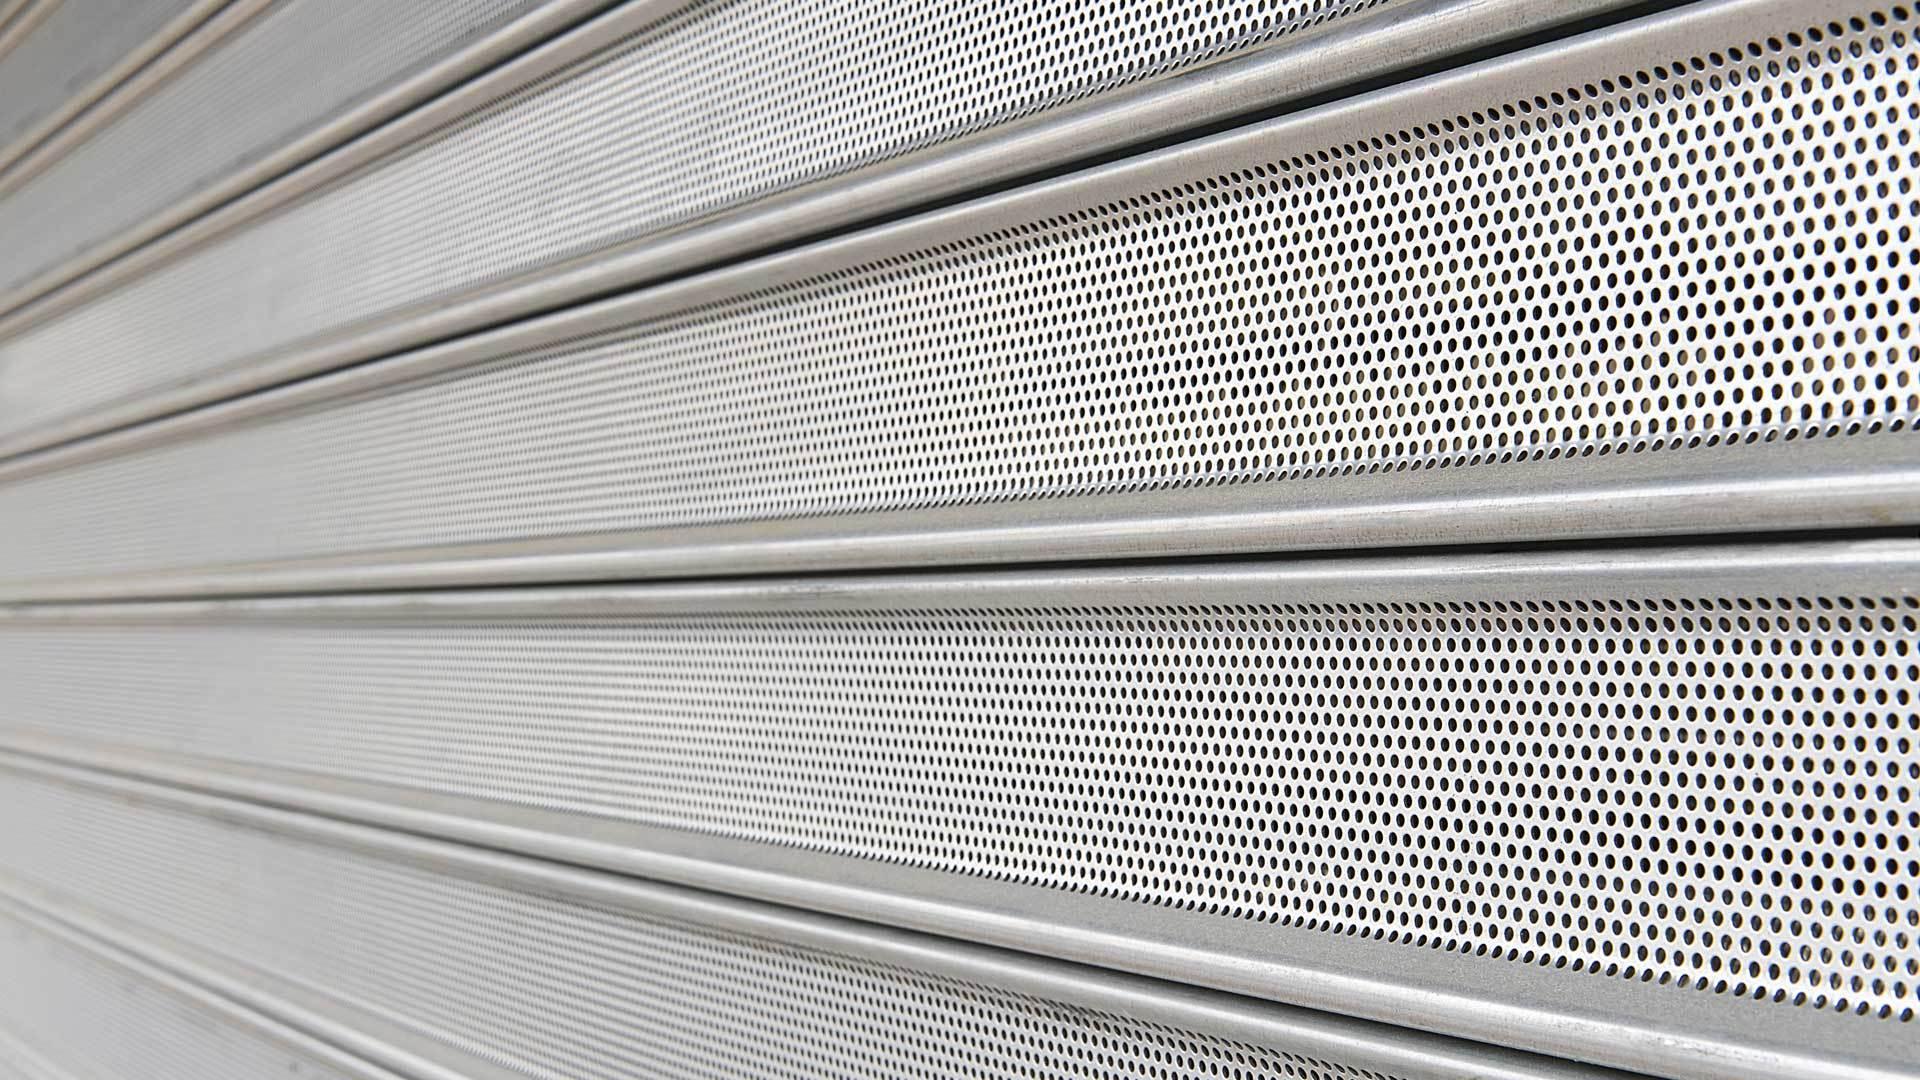 Tout ce qu'il faut savoir sur les dysfonctionnements des rideaux métalliques